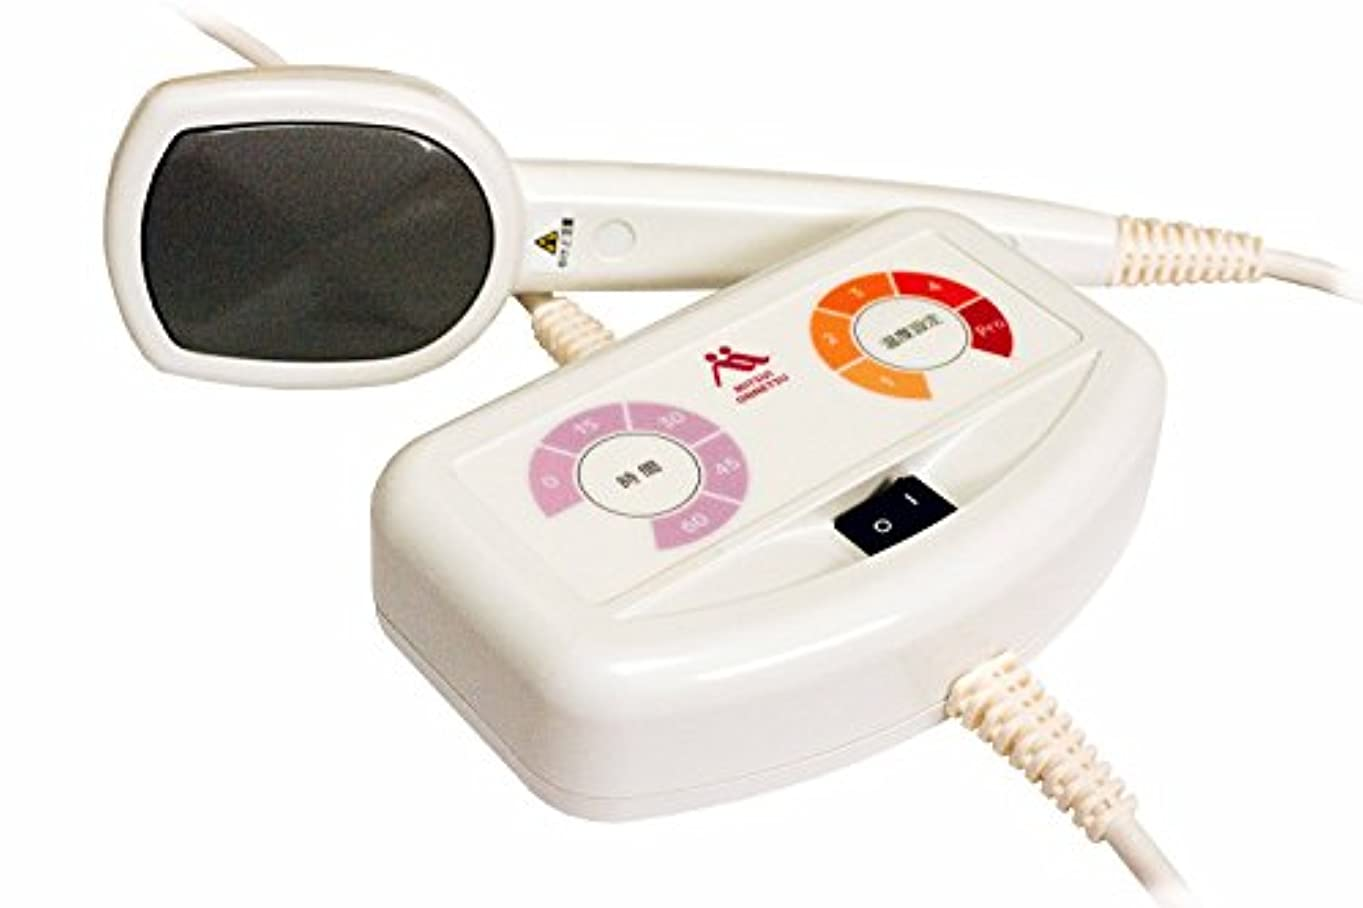 暴力スラッシュお世話になった家庭用温熱治療器「三井式温熱治療器3」